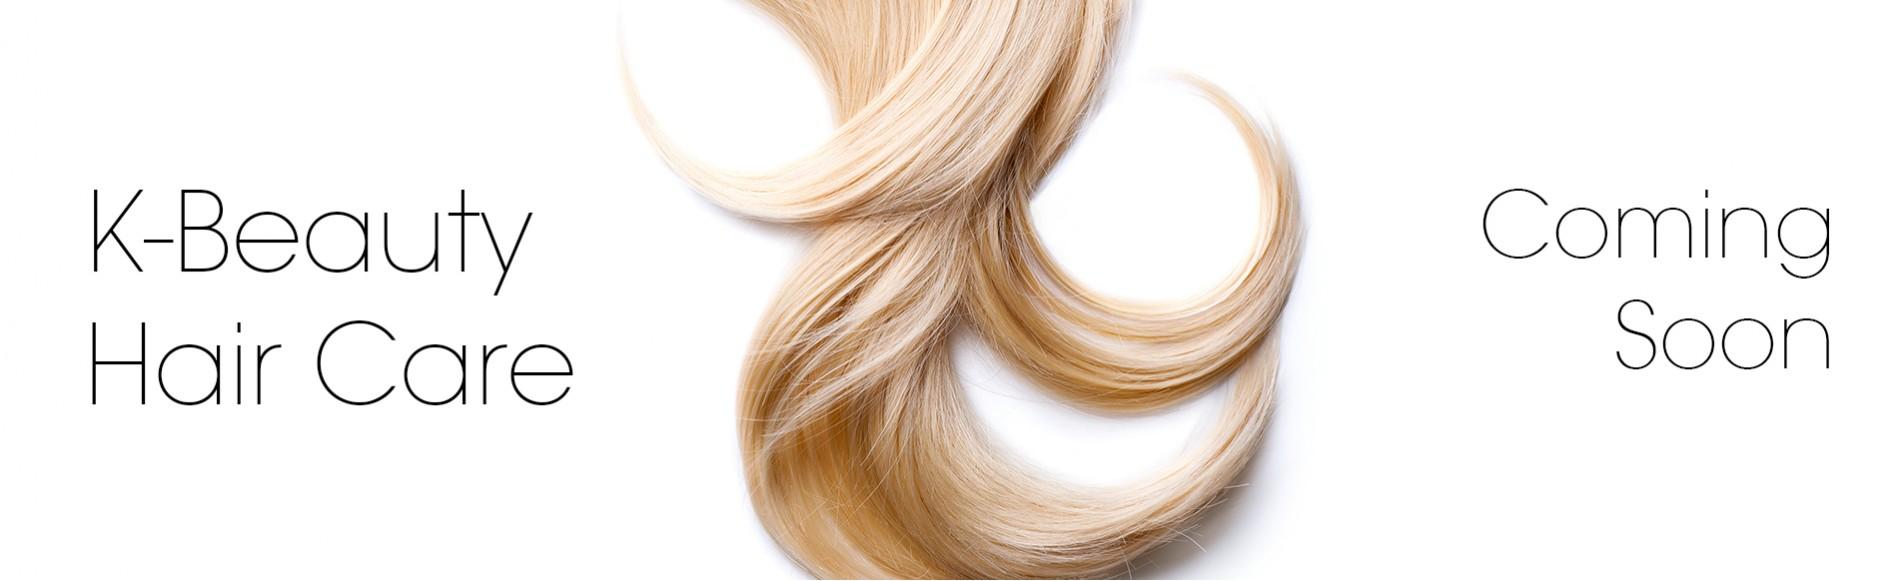 K-Beauty Hair Care